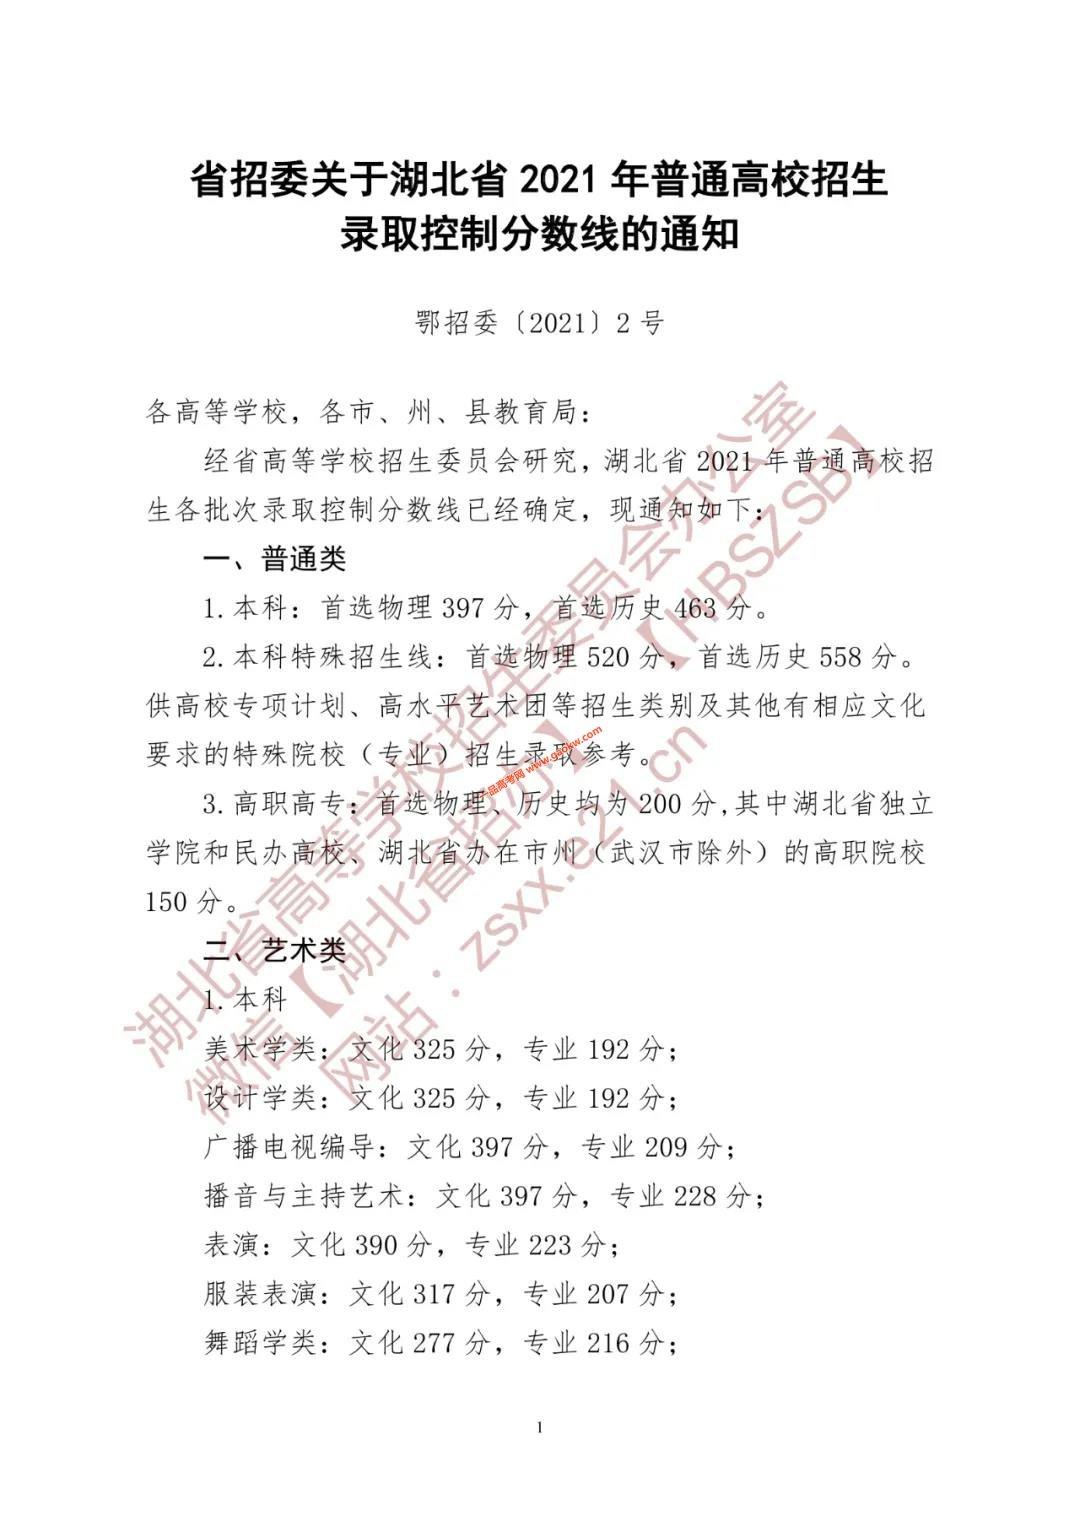 湖北省2021年普通高校招生录取控制分数线